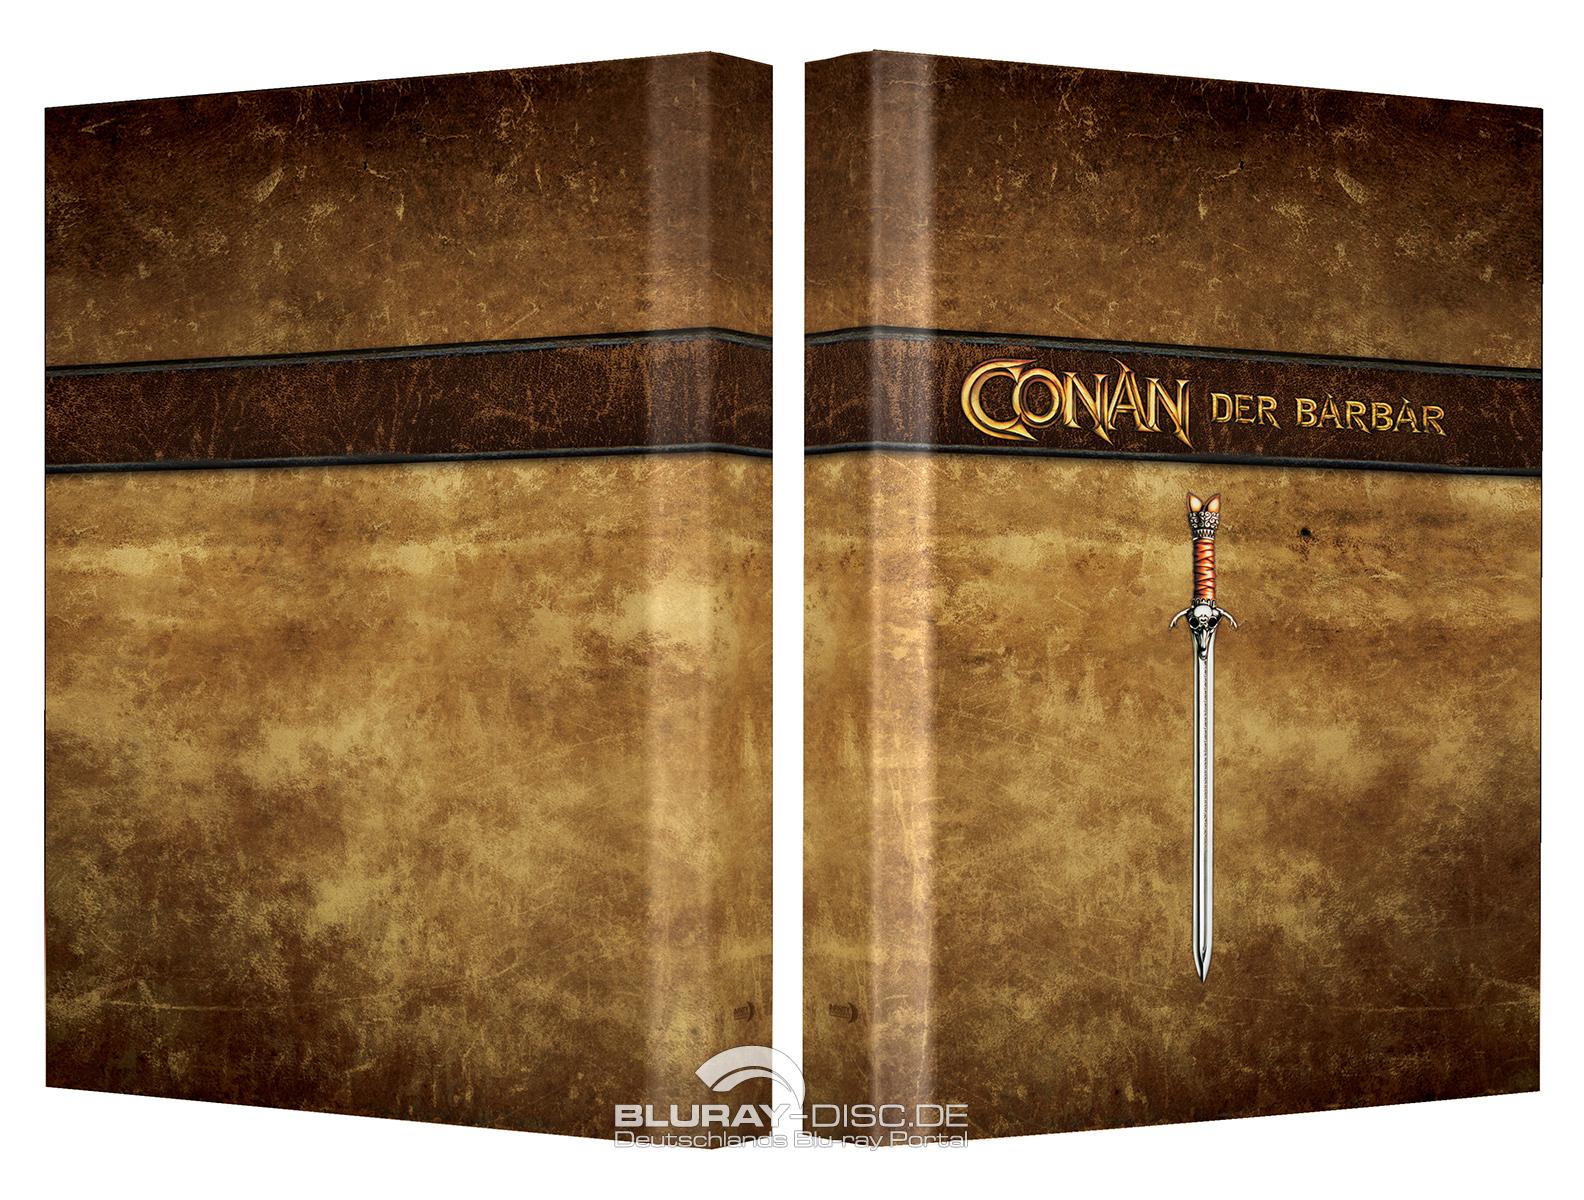 Conan_der_Barbar_Galerie_Mediabook_wattiert_ohne_Schuber.jpg